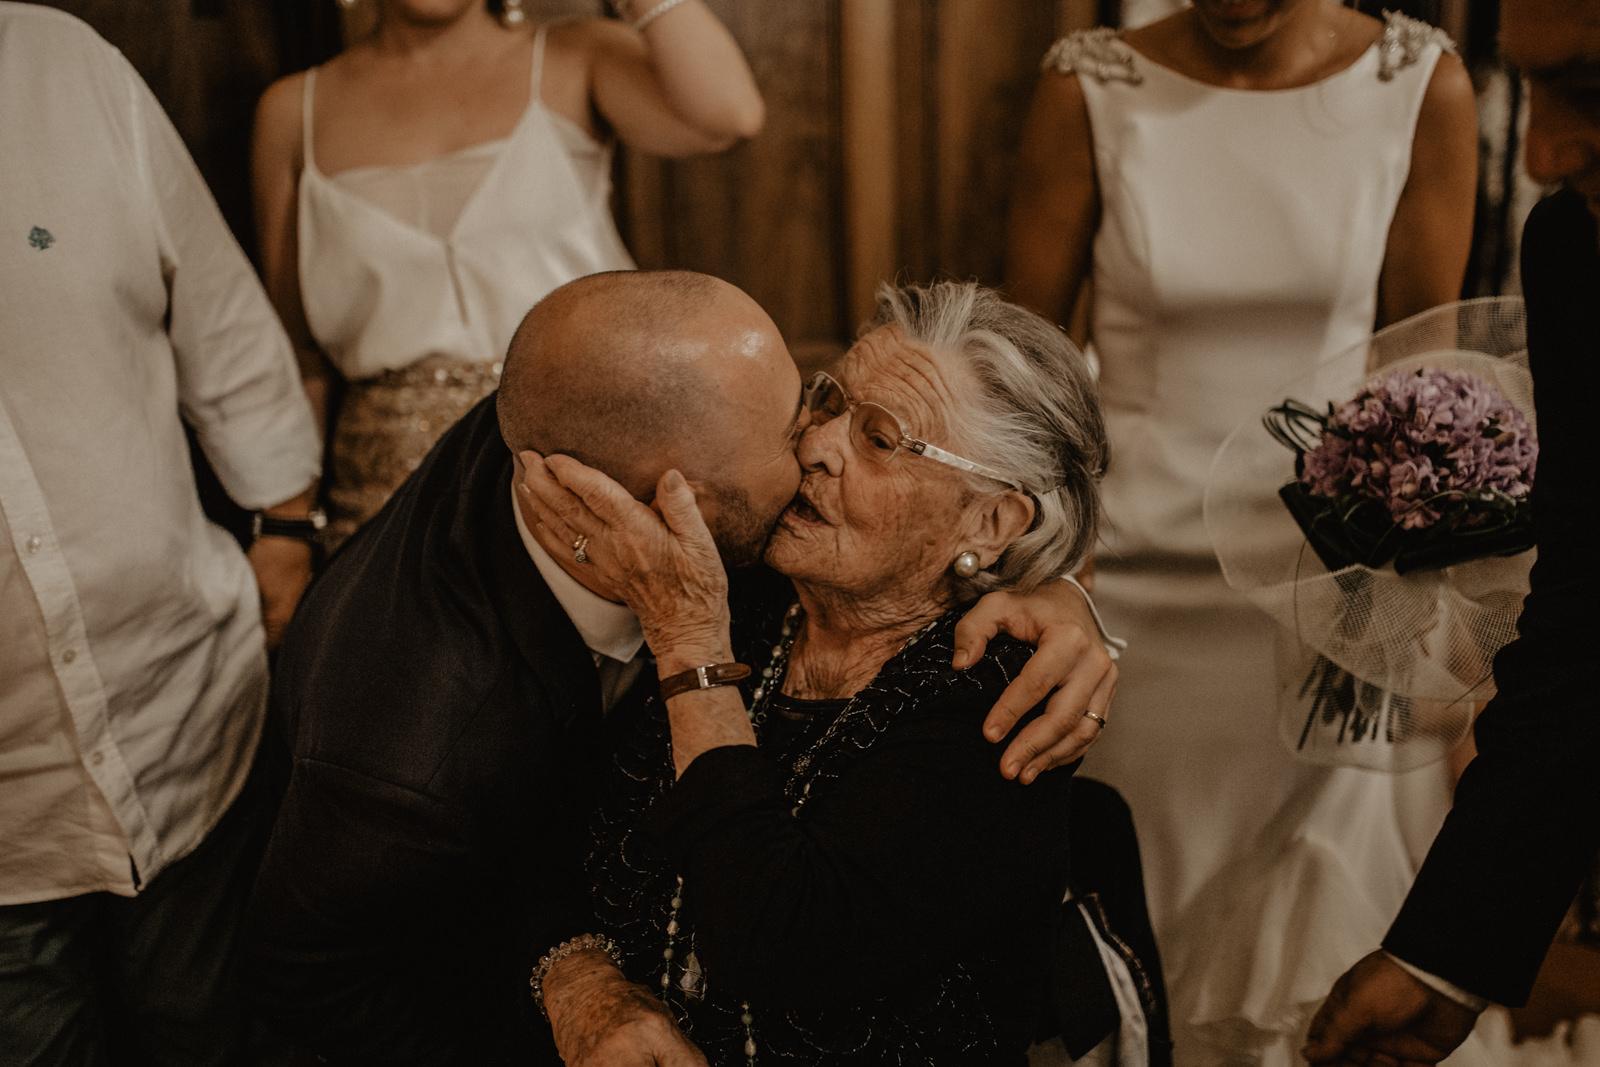 thenortherngirlphotography_photography_thenortherngirl_rebeccascabros_wedding_weddingphotography_weddingphotographer_barcelona_bodaenlabaronia_labaronia_japanesewedding_destinationwedding_shokoalbert-861.jpg